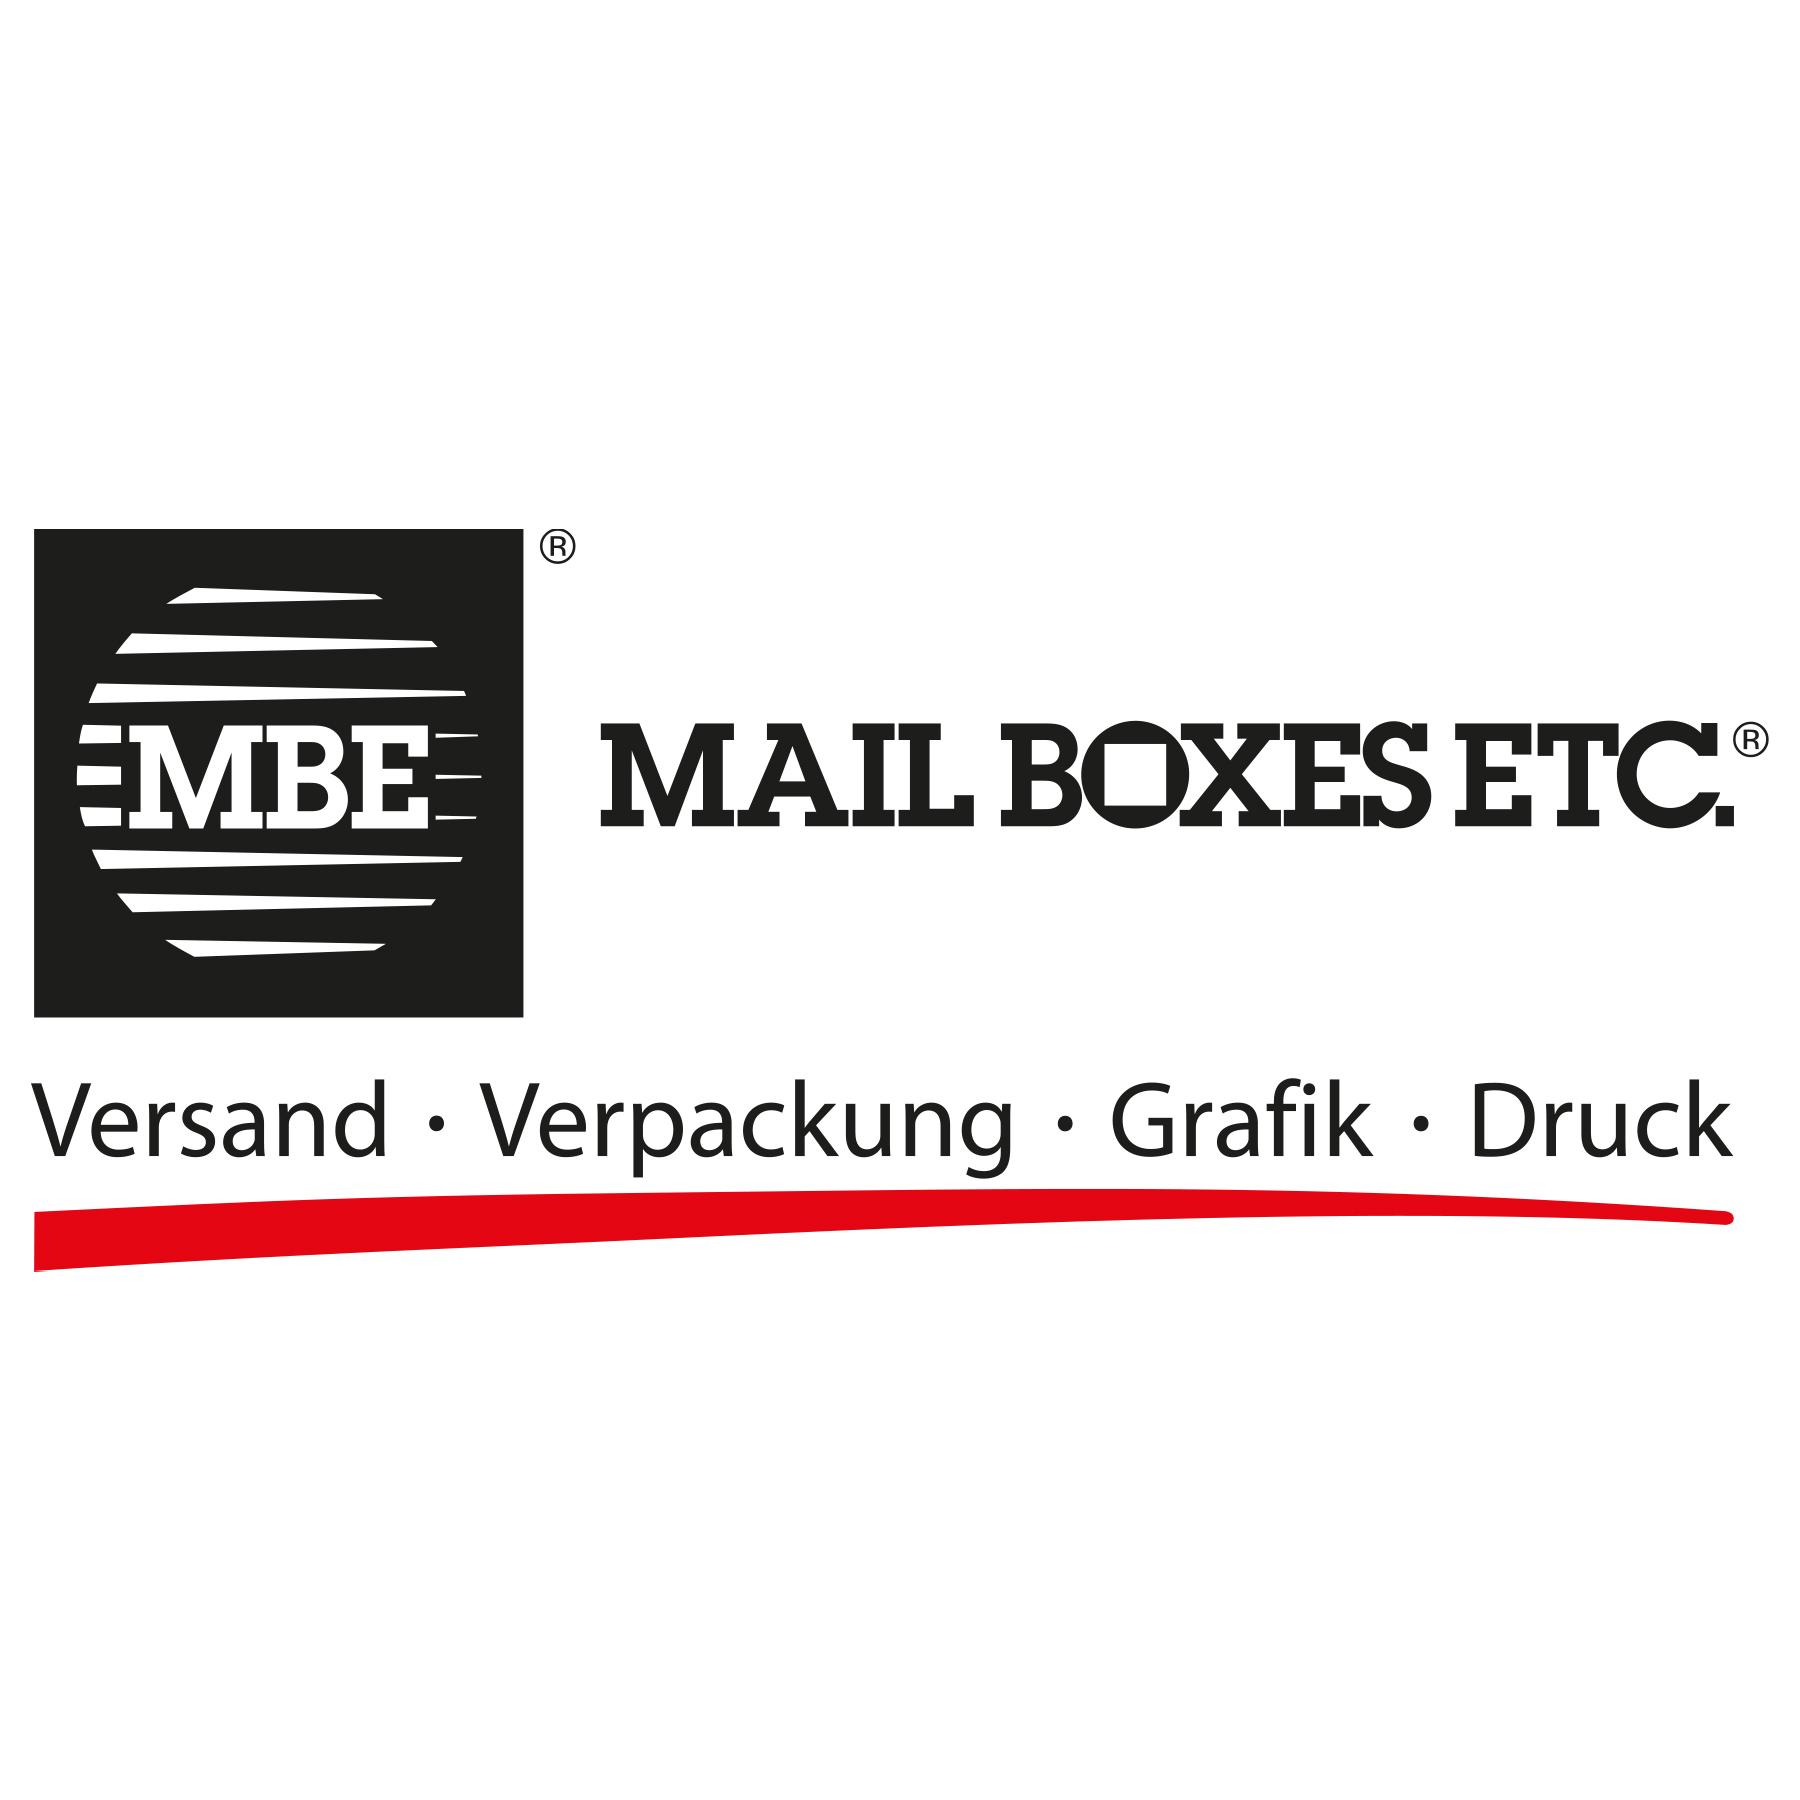 Bild zu MBE Mail Boxes Etc. - Versand Verpackung Grafik Druck in Mönchengladbach